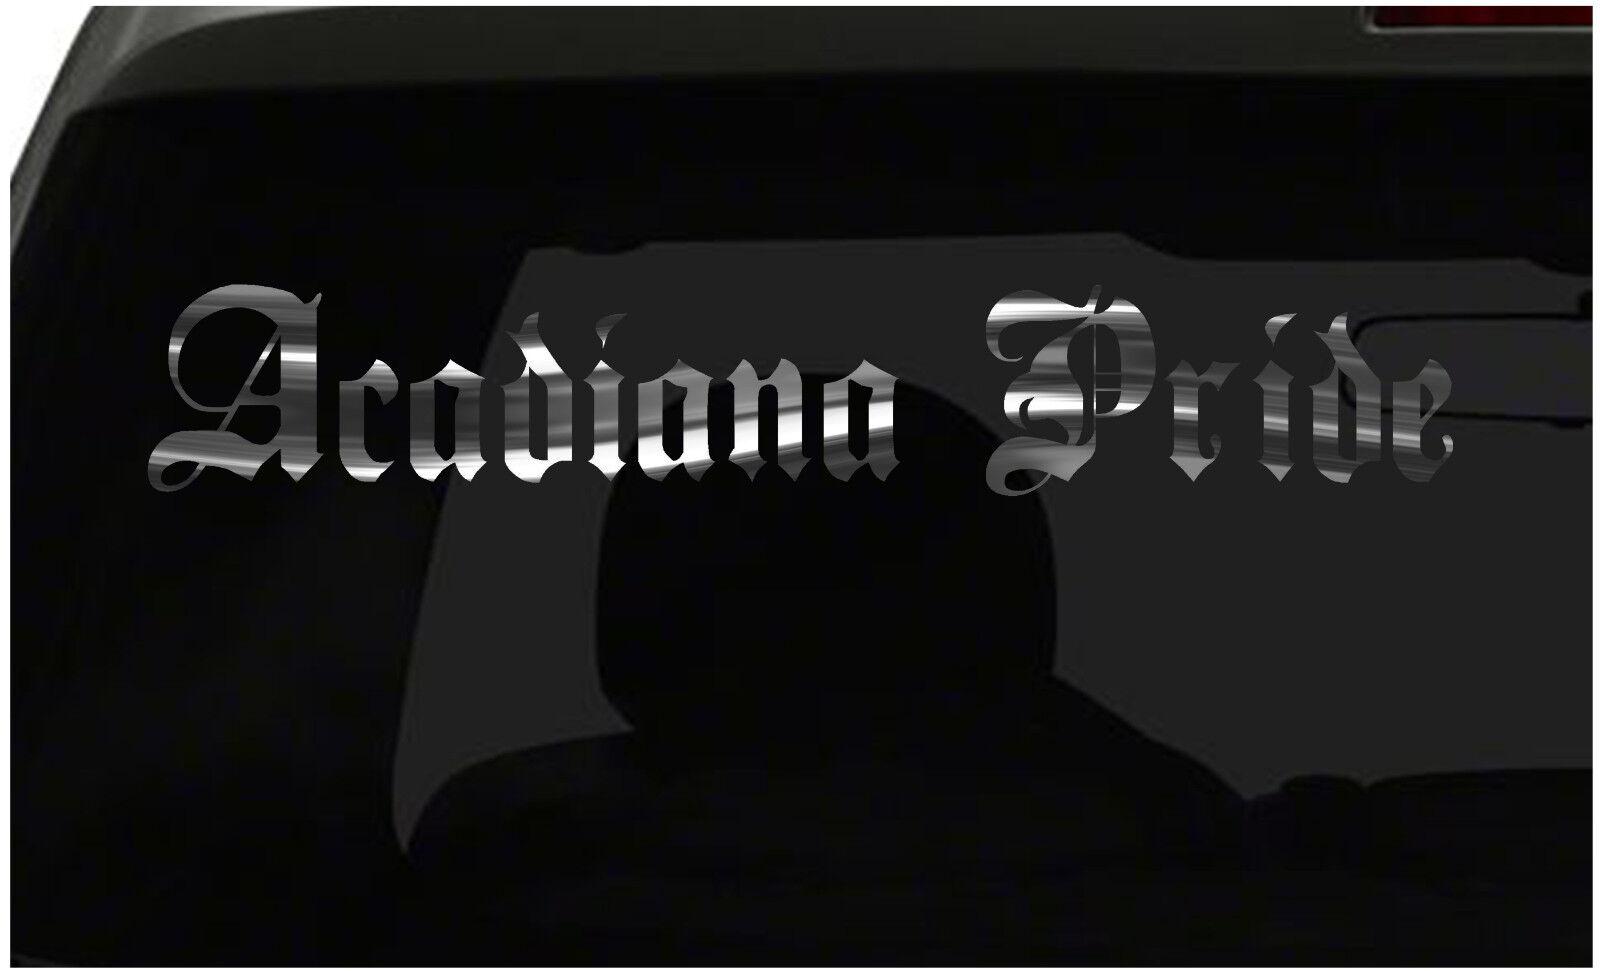 Acadiana orgullo calcomanía país orgullo pegatina de vinilo Todos Los Tamaños Y Colors ¡ Envío Rápido